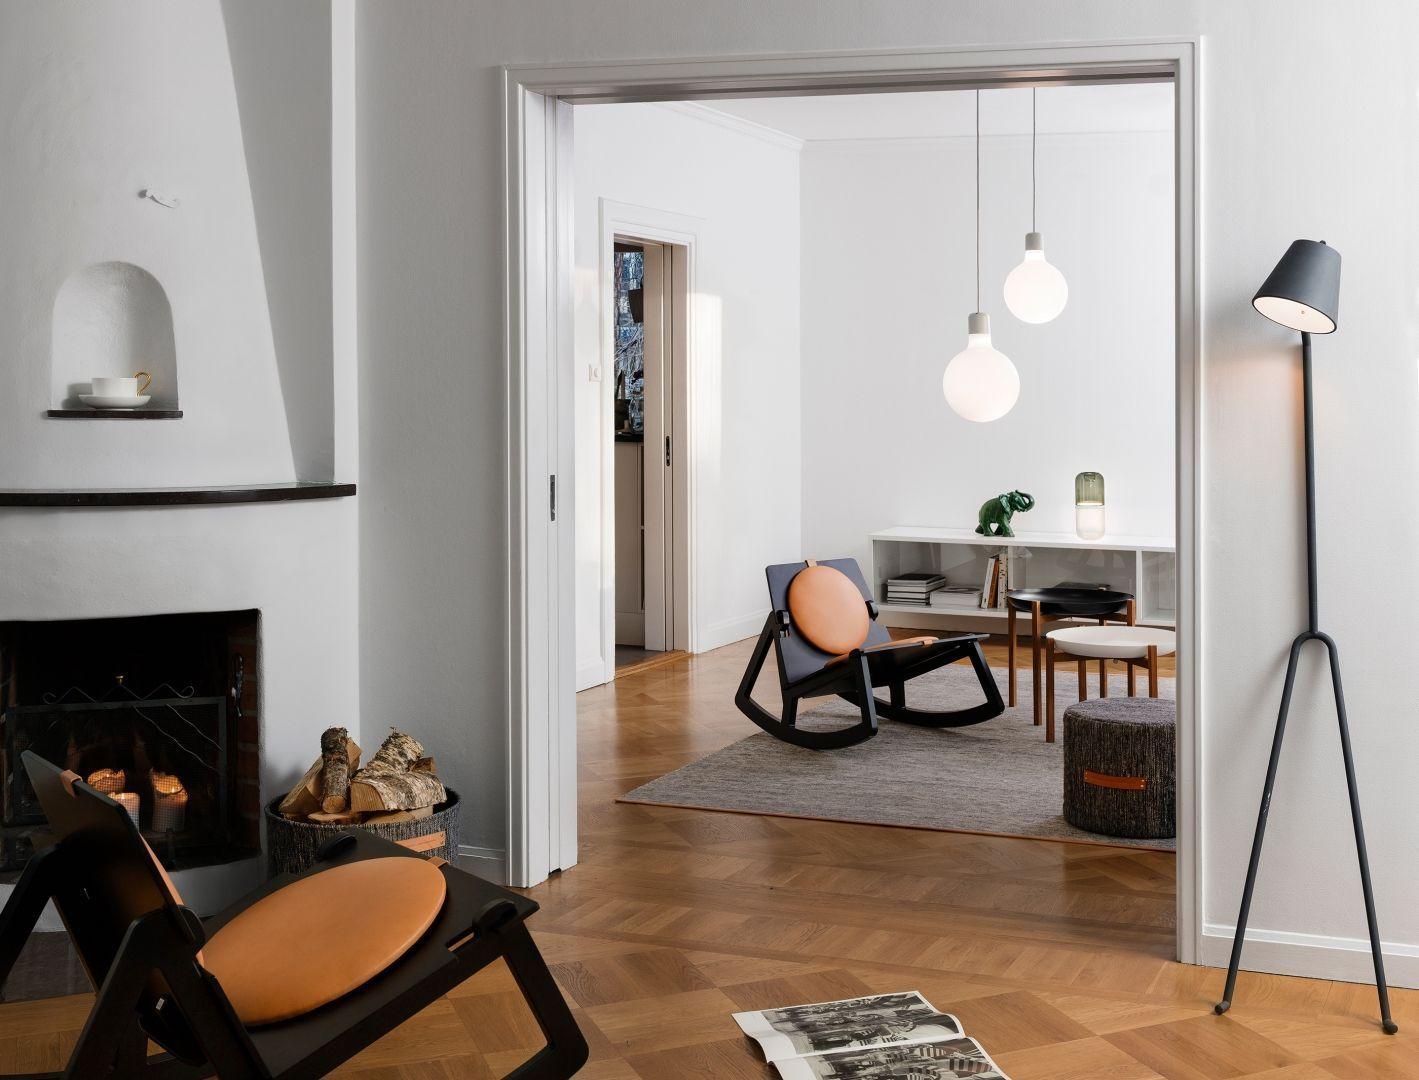 Woonkamer inspiratiefoto met Design House Stockholm Vloerlampen